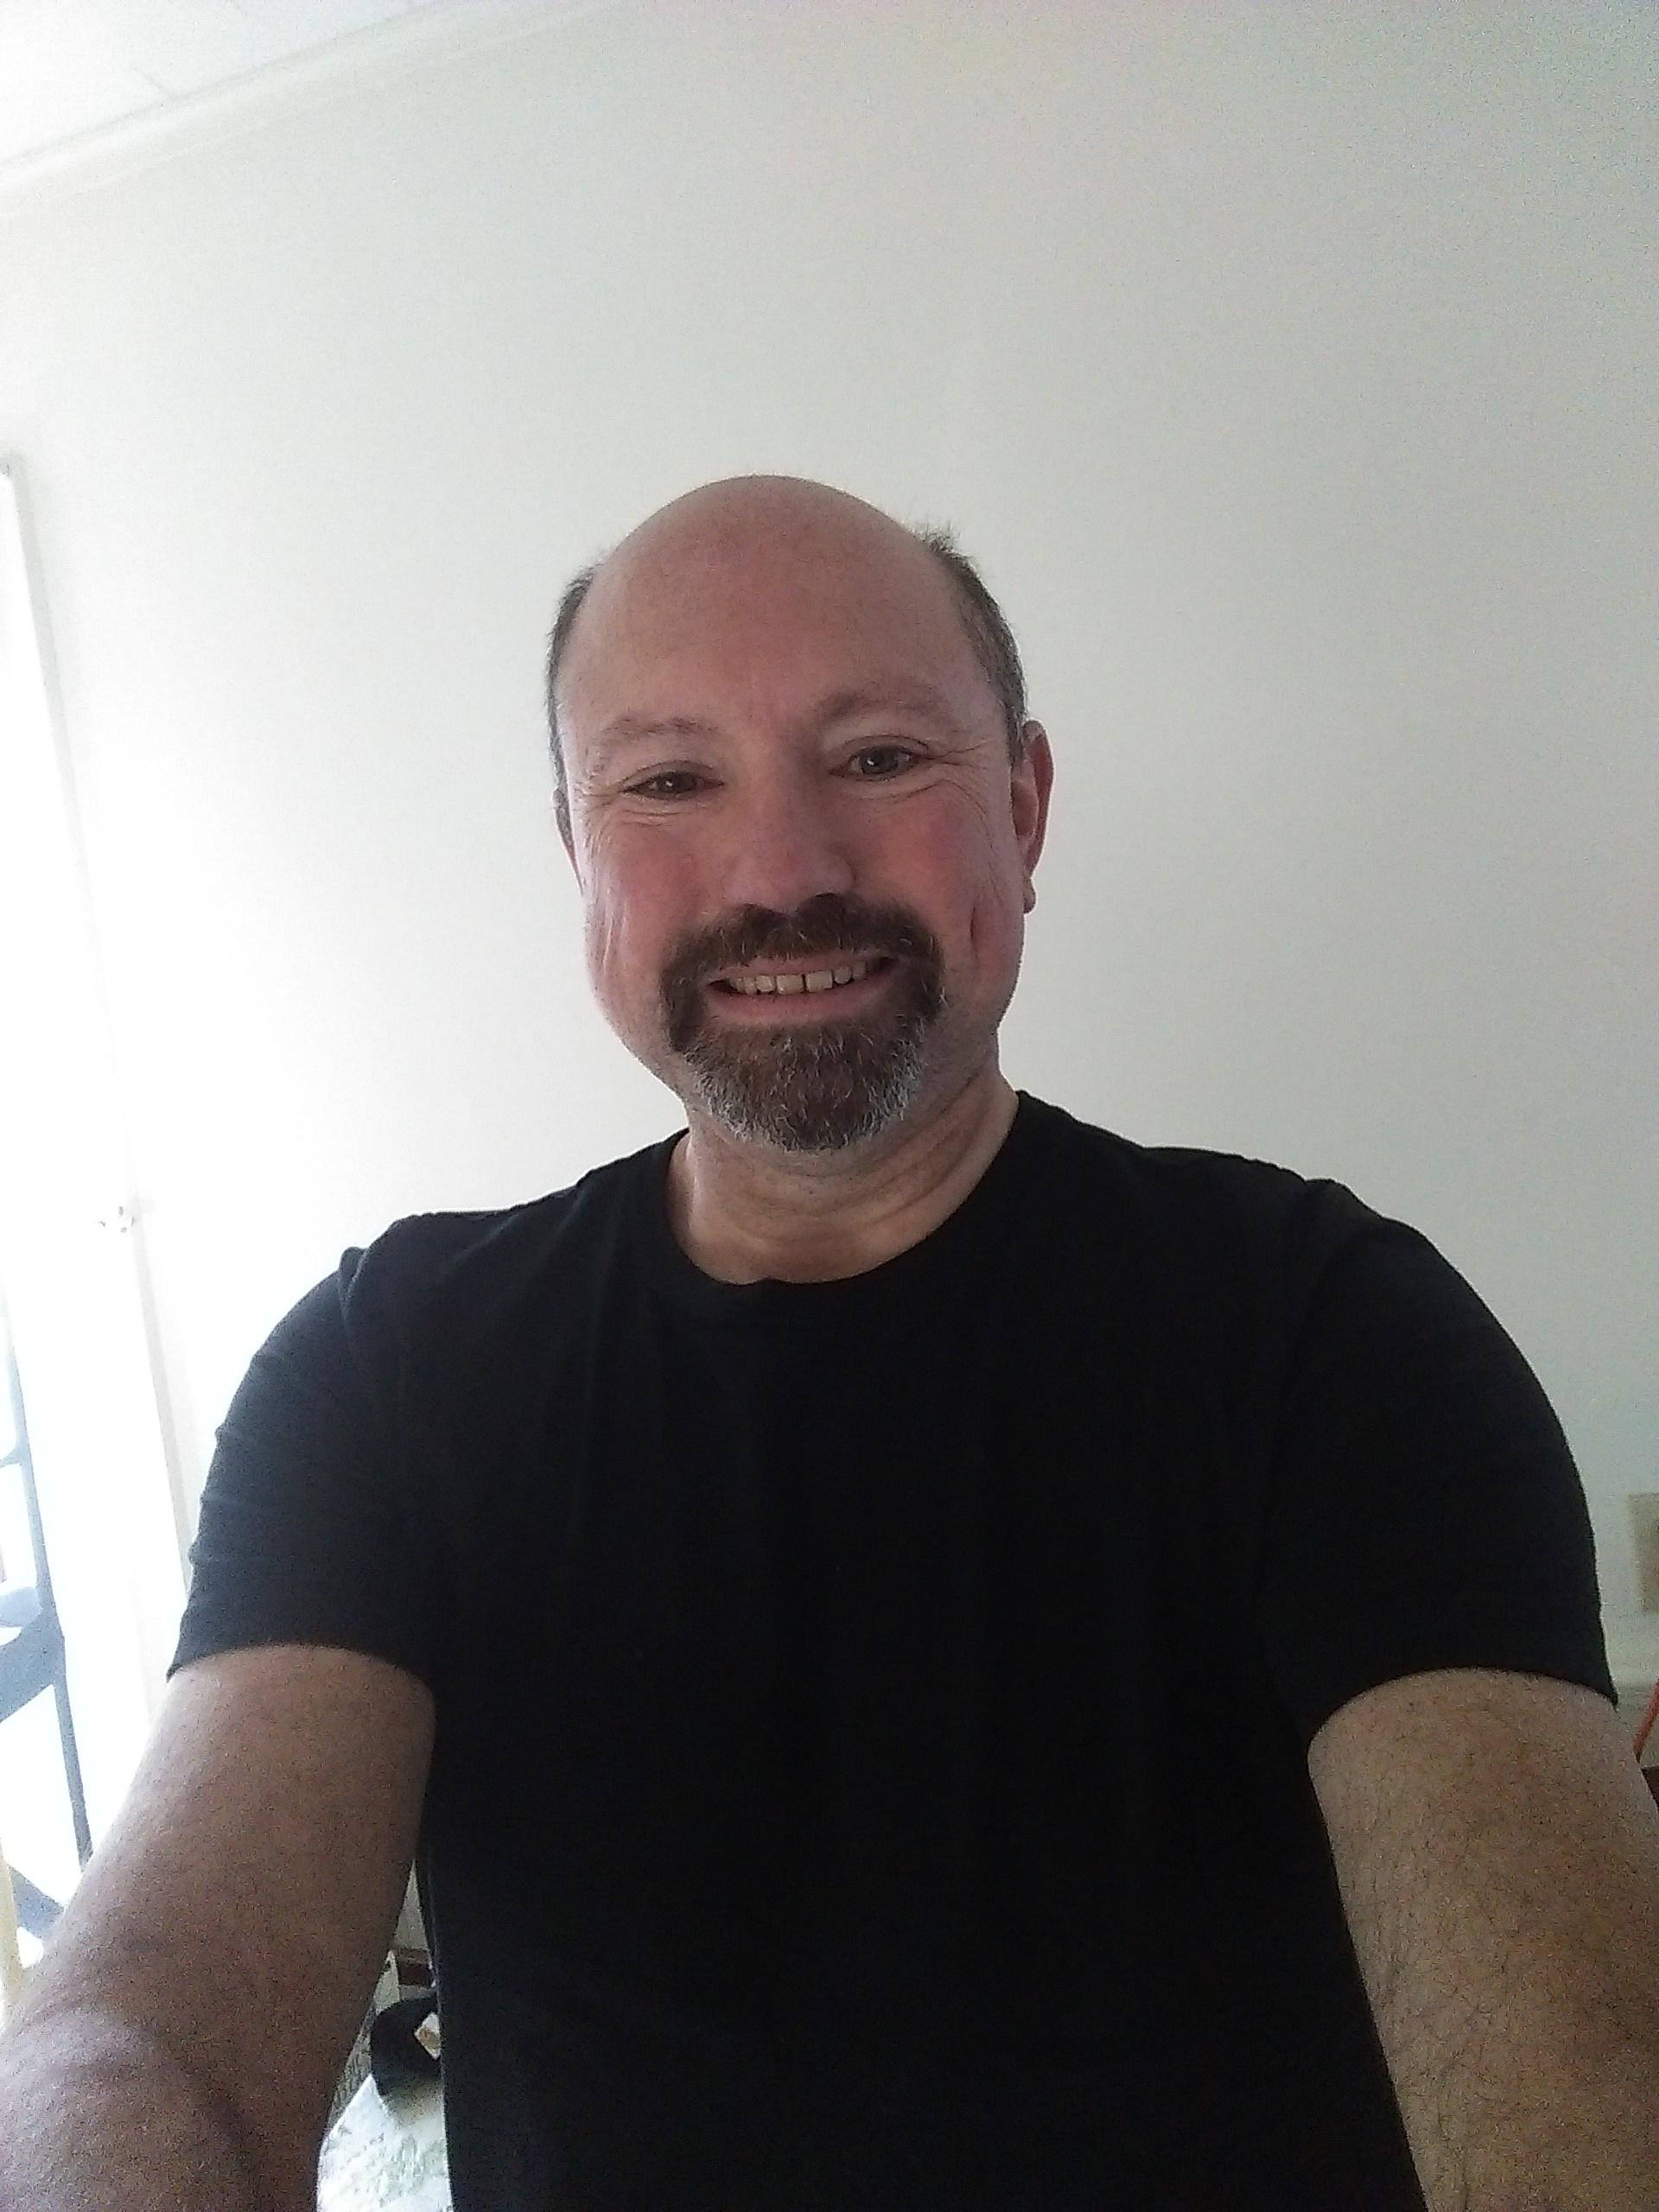 mark1963a's avatar